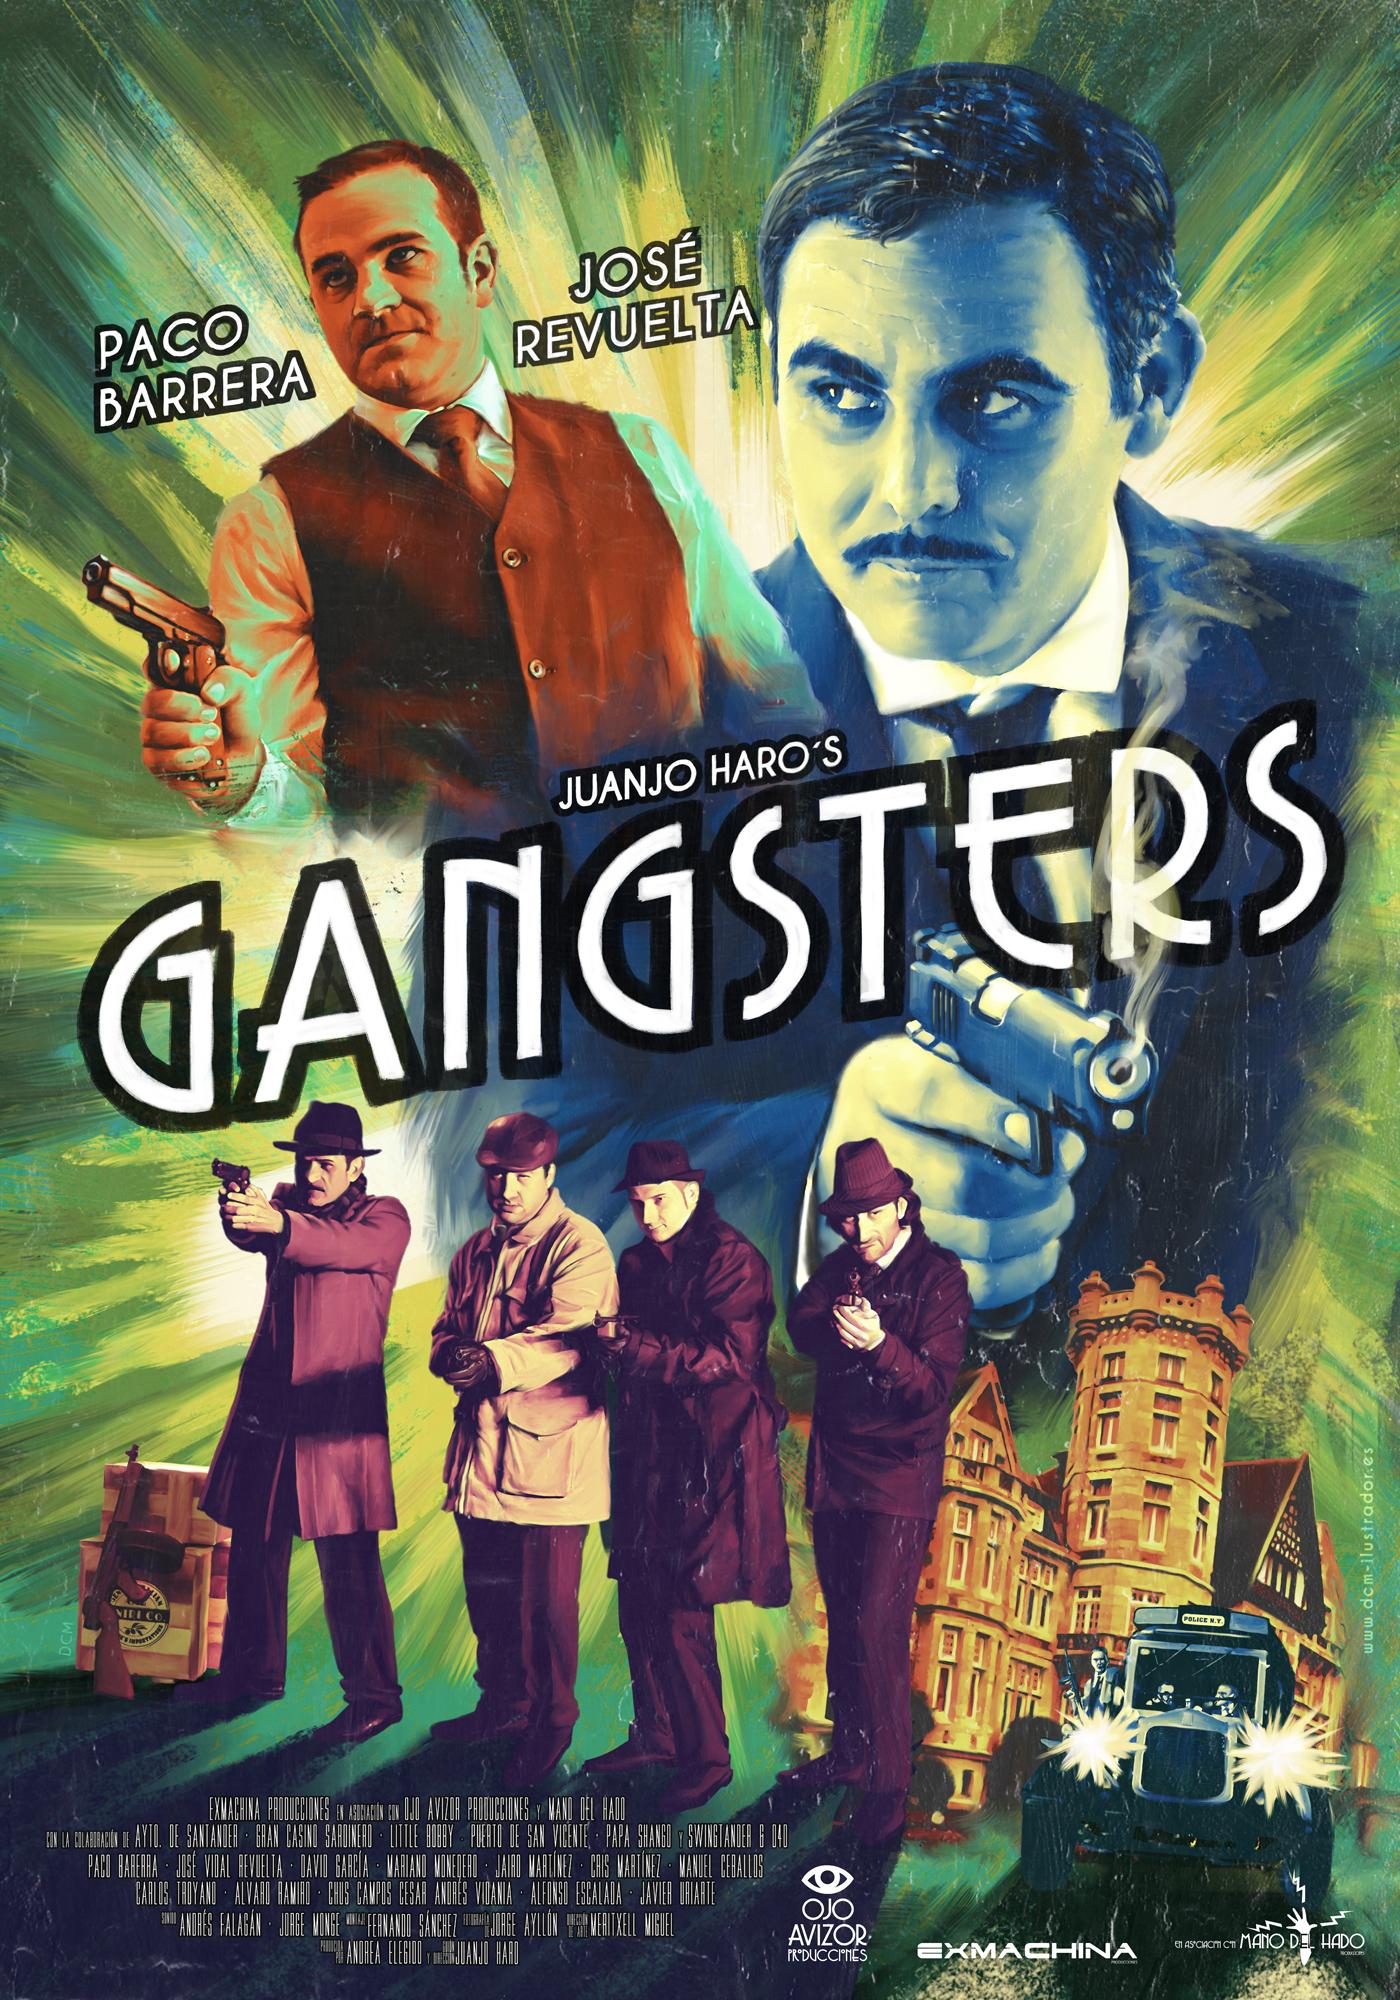 Cartel de presentación de 'Gansgetrs'.